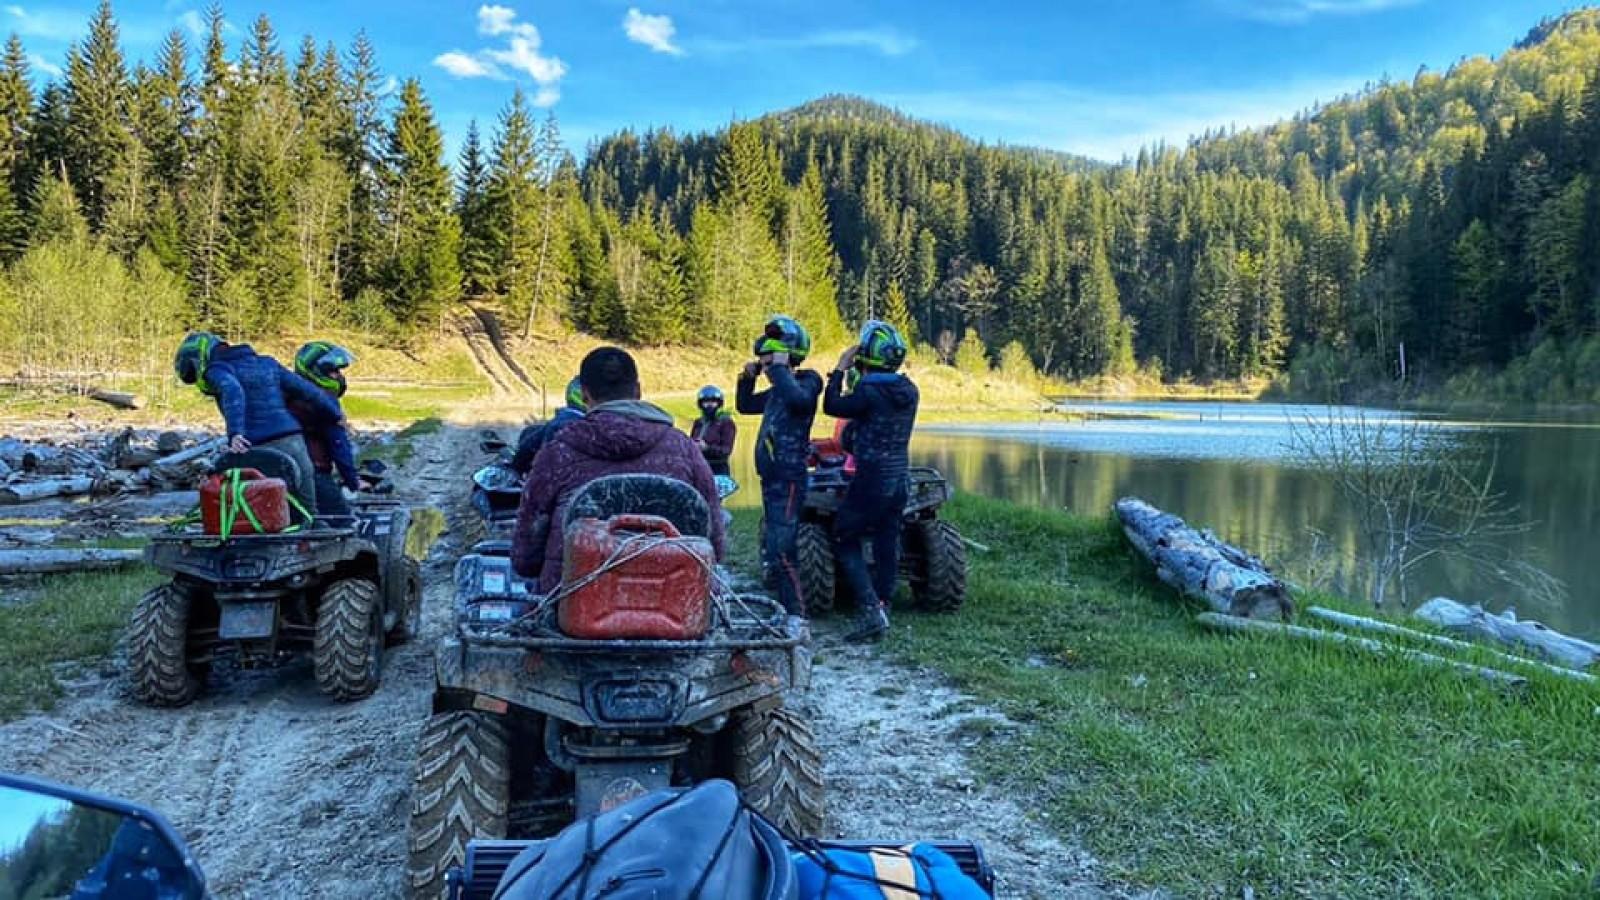 Adrenalină și distracție ATV-Off road. Experiență unică pe patru roți.